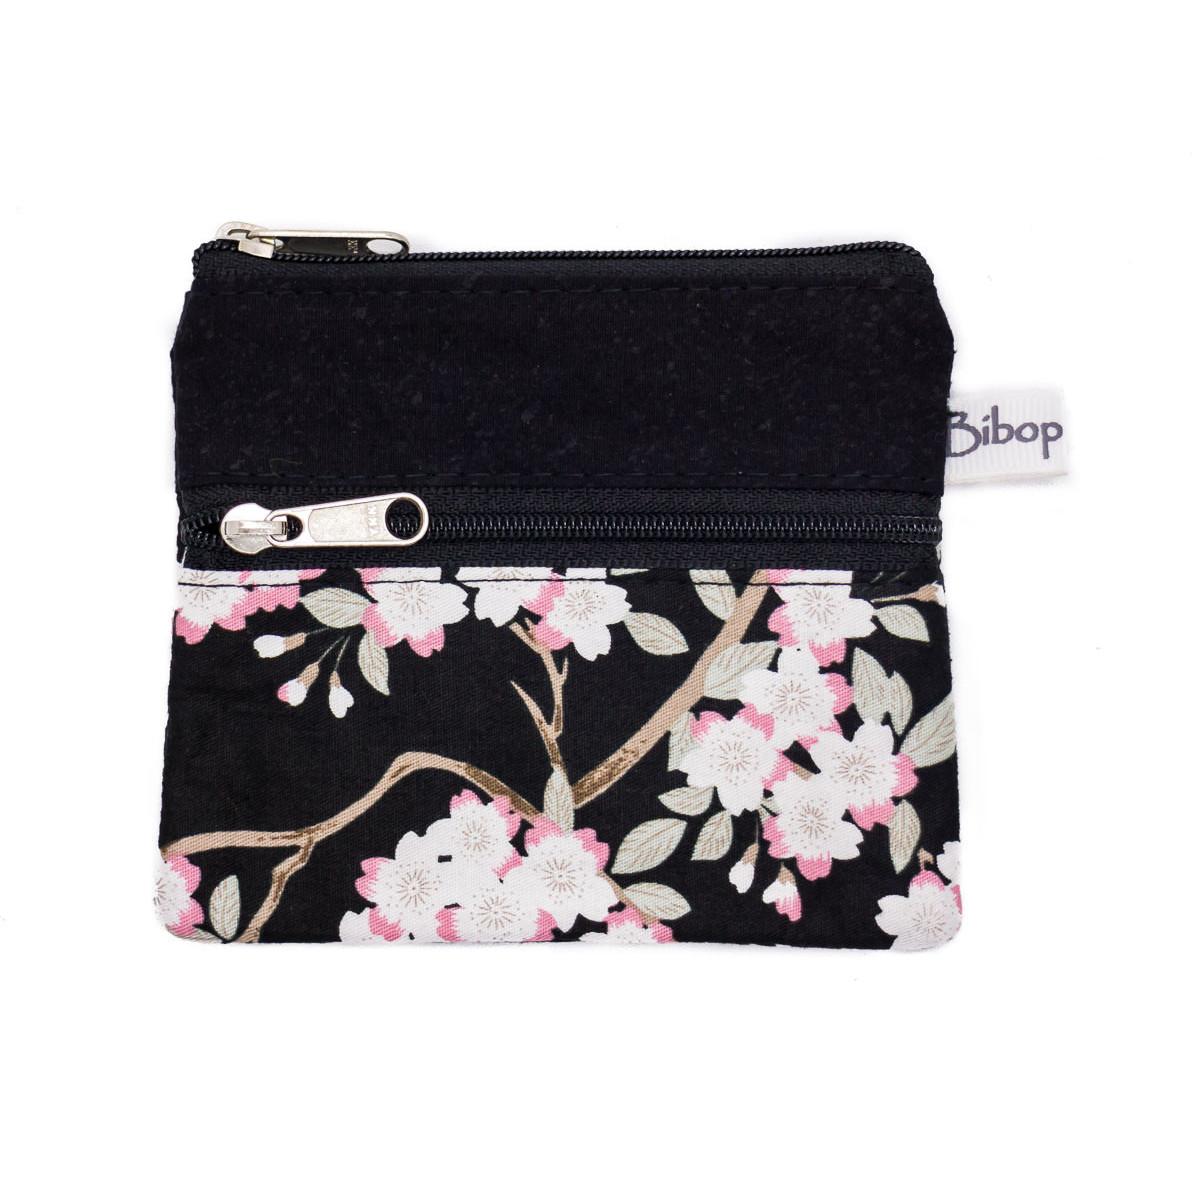 Petit porte-monnaie deux compartiments noir et fleurs cerisiers